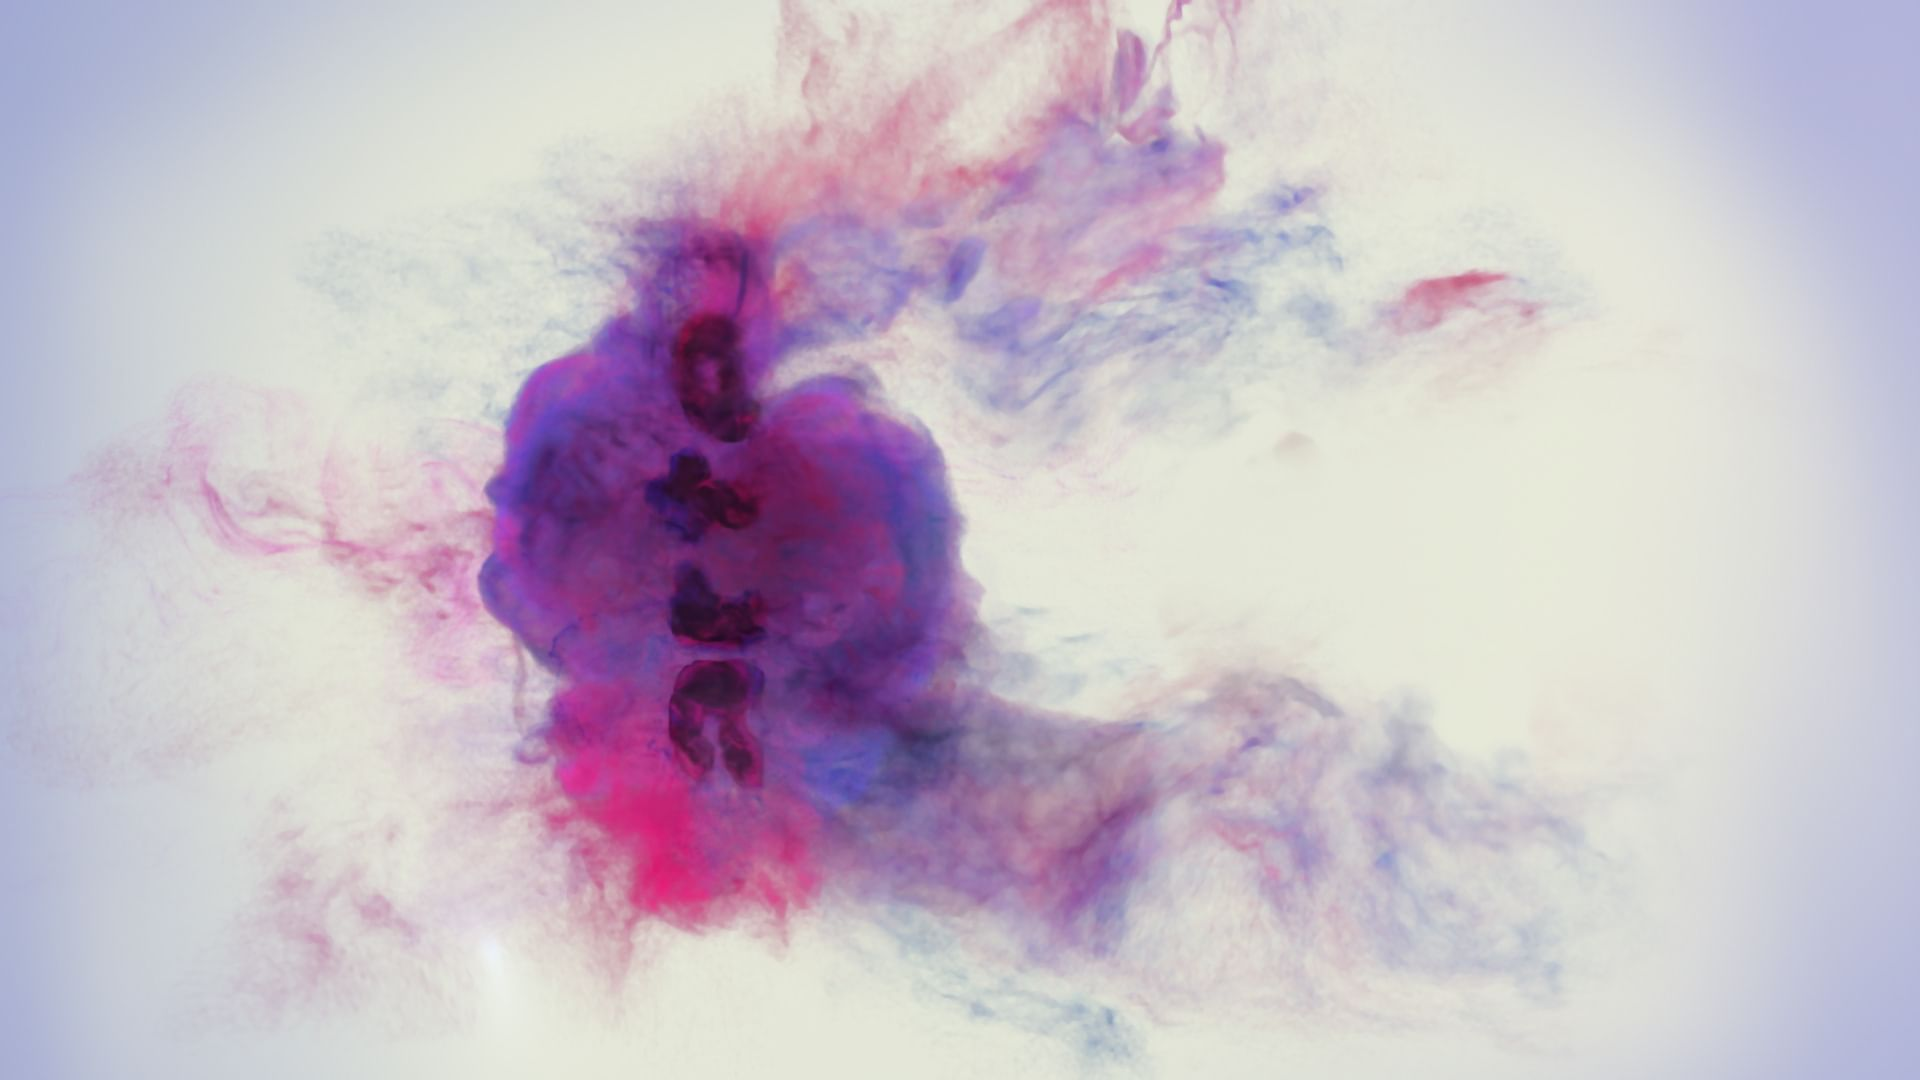 Für das Festival werden in Paris und anderswo Dutzende Konzerte organisiert, um dem musikalischen Nachwuchs eine Plattform zu bieten. Ob Pop, Rock, Elektro oder HipHop, ob französische oder internationale Künstler – auf dem Les Inrocks Festival kommen auch die verwöhntesten Musikfreunde auf ihre Kosten.